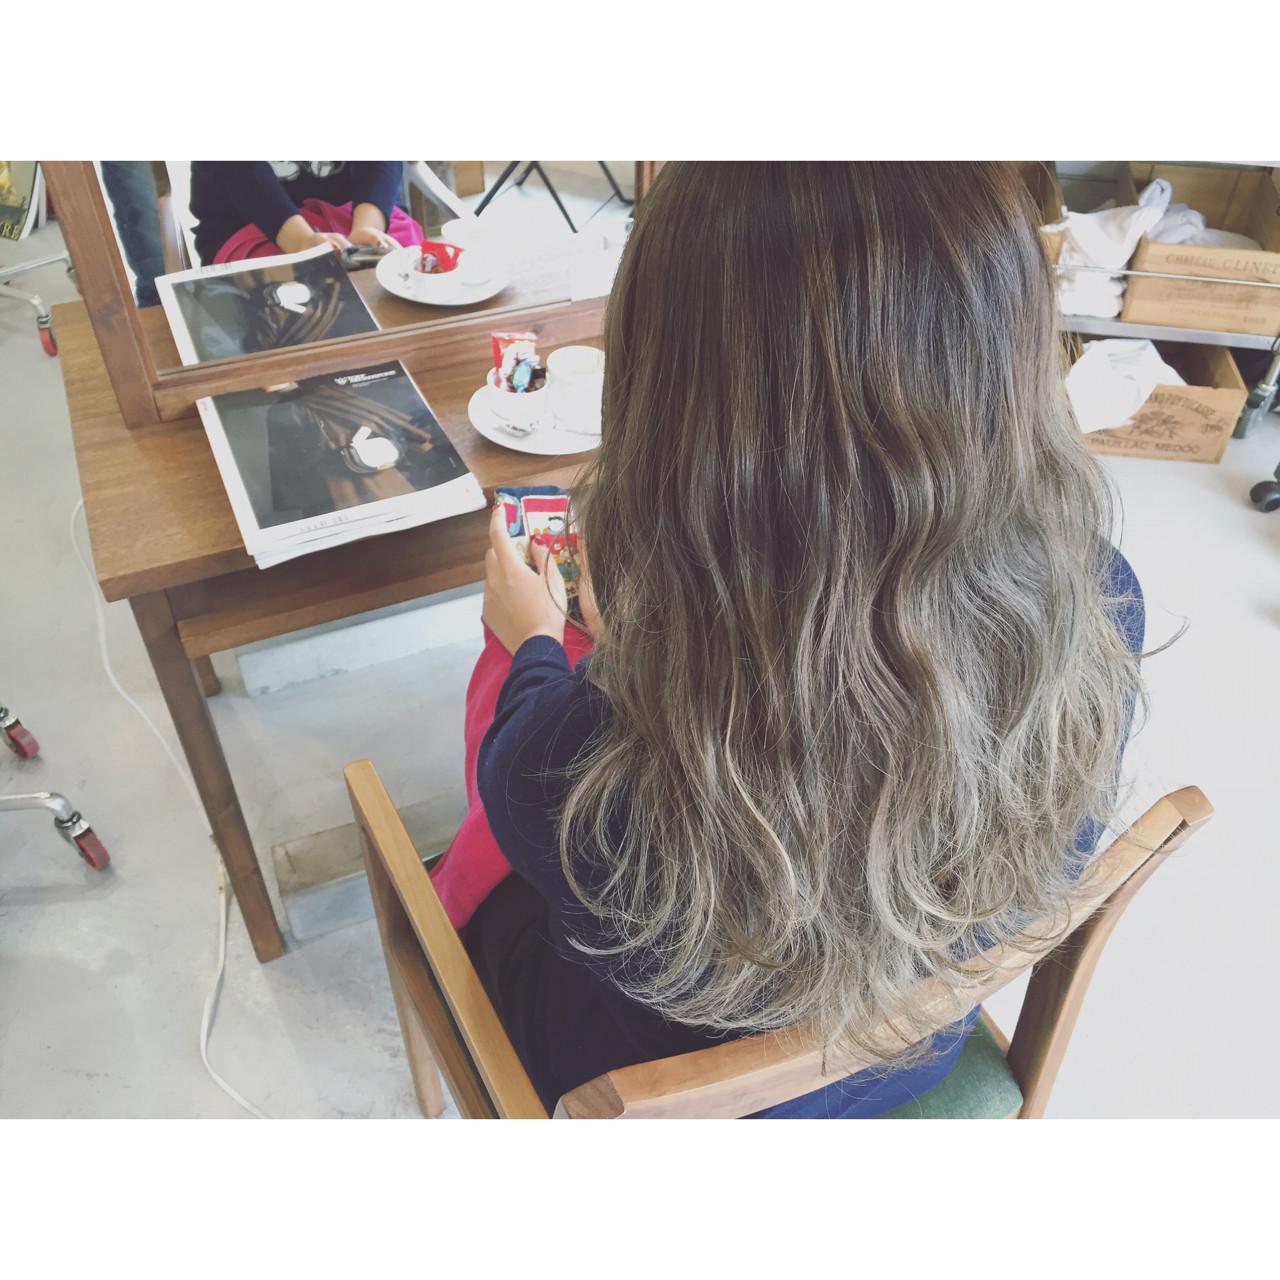 大注目の暗髪×グラデーションまとめ♡ポイントは毛先とハイライト 原木翔太